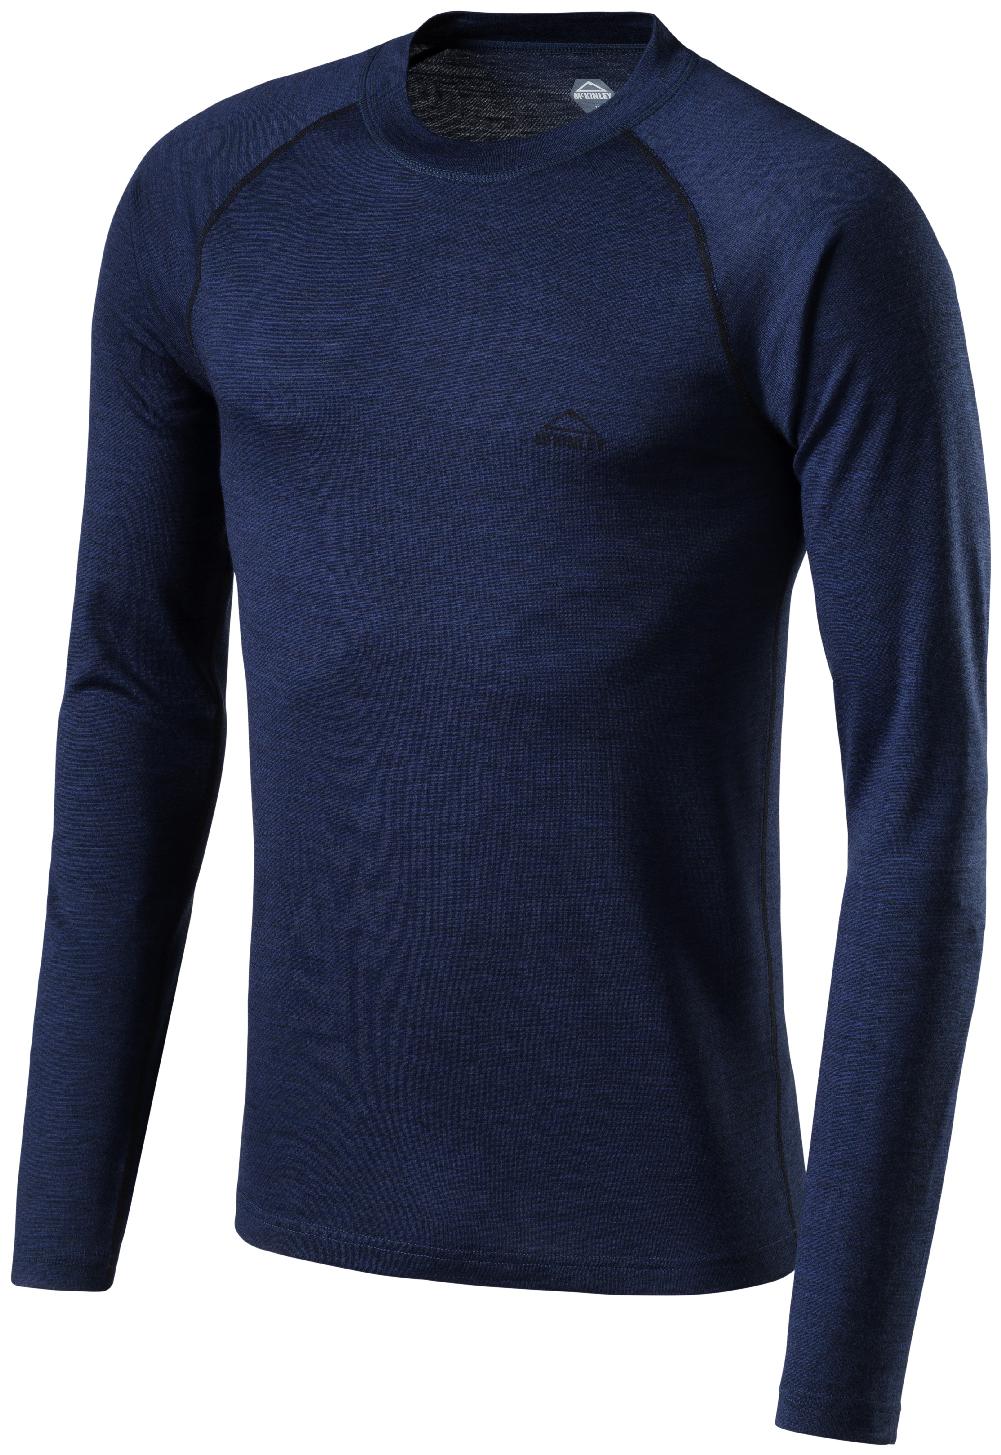 Herren Unterhemd Ramon, MULTICOLOR/BLUE DARK, S